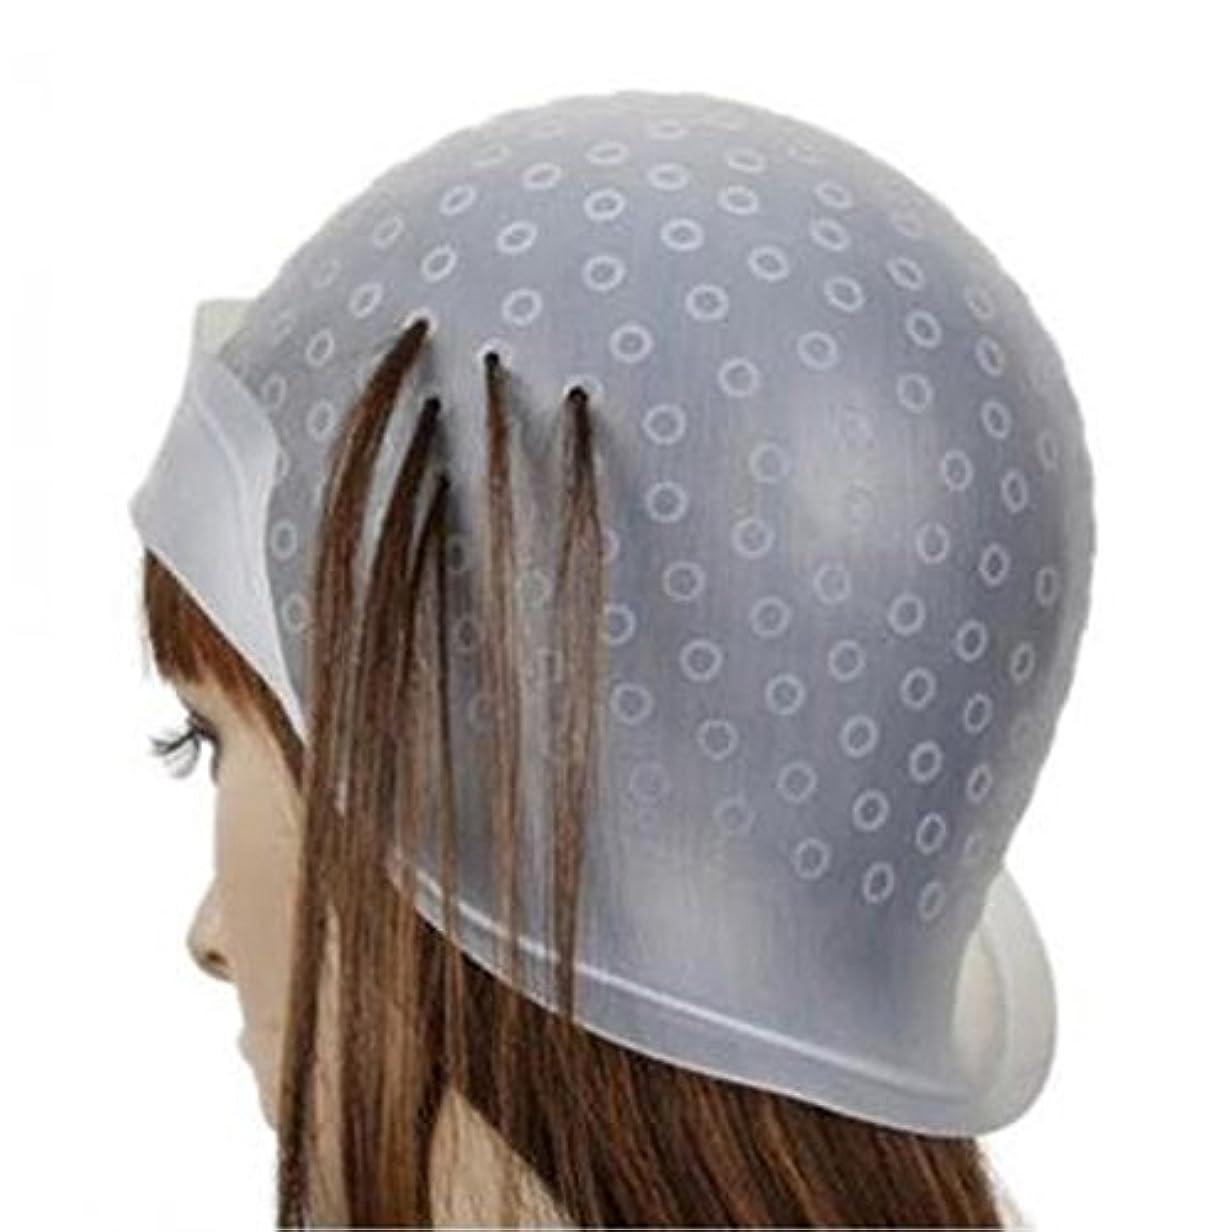 コンサート現実的特にヘア キャップ メッシュ 髪染め用 ヘアキャップ シリコン製 毛染め 洗って使える ヘアカラー 部分染め 自宅 透明(棒付き)